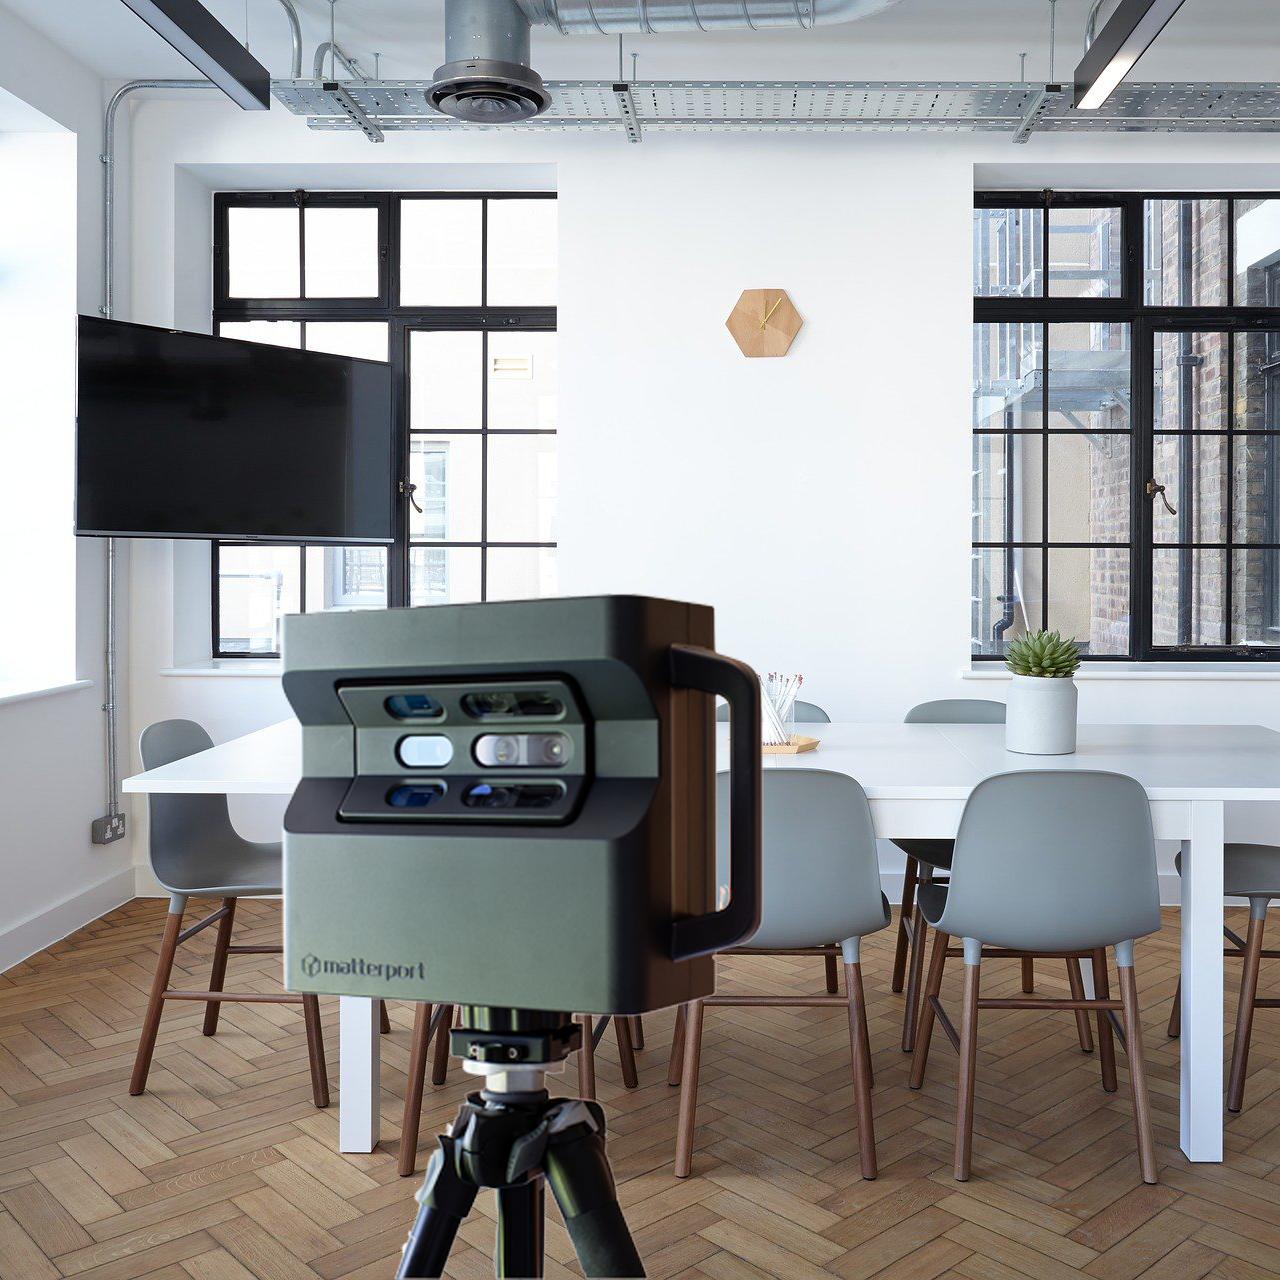 visite-virtuelle-360-interactive-bureau-coworking-r360view